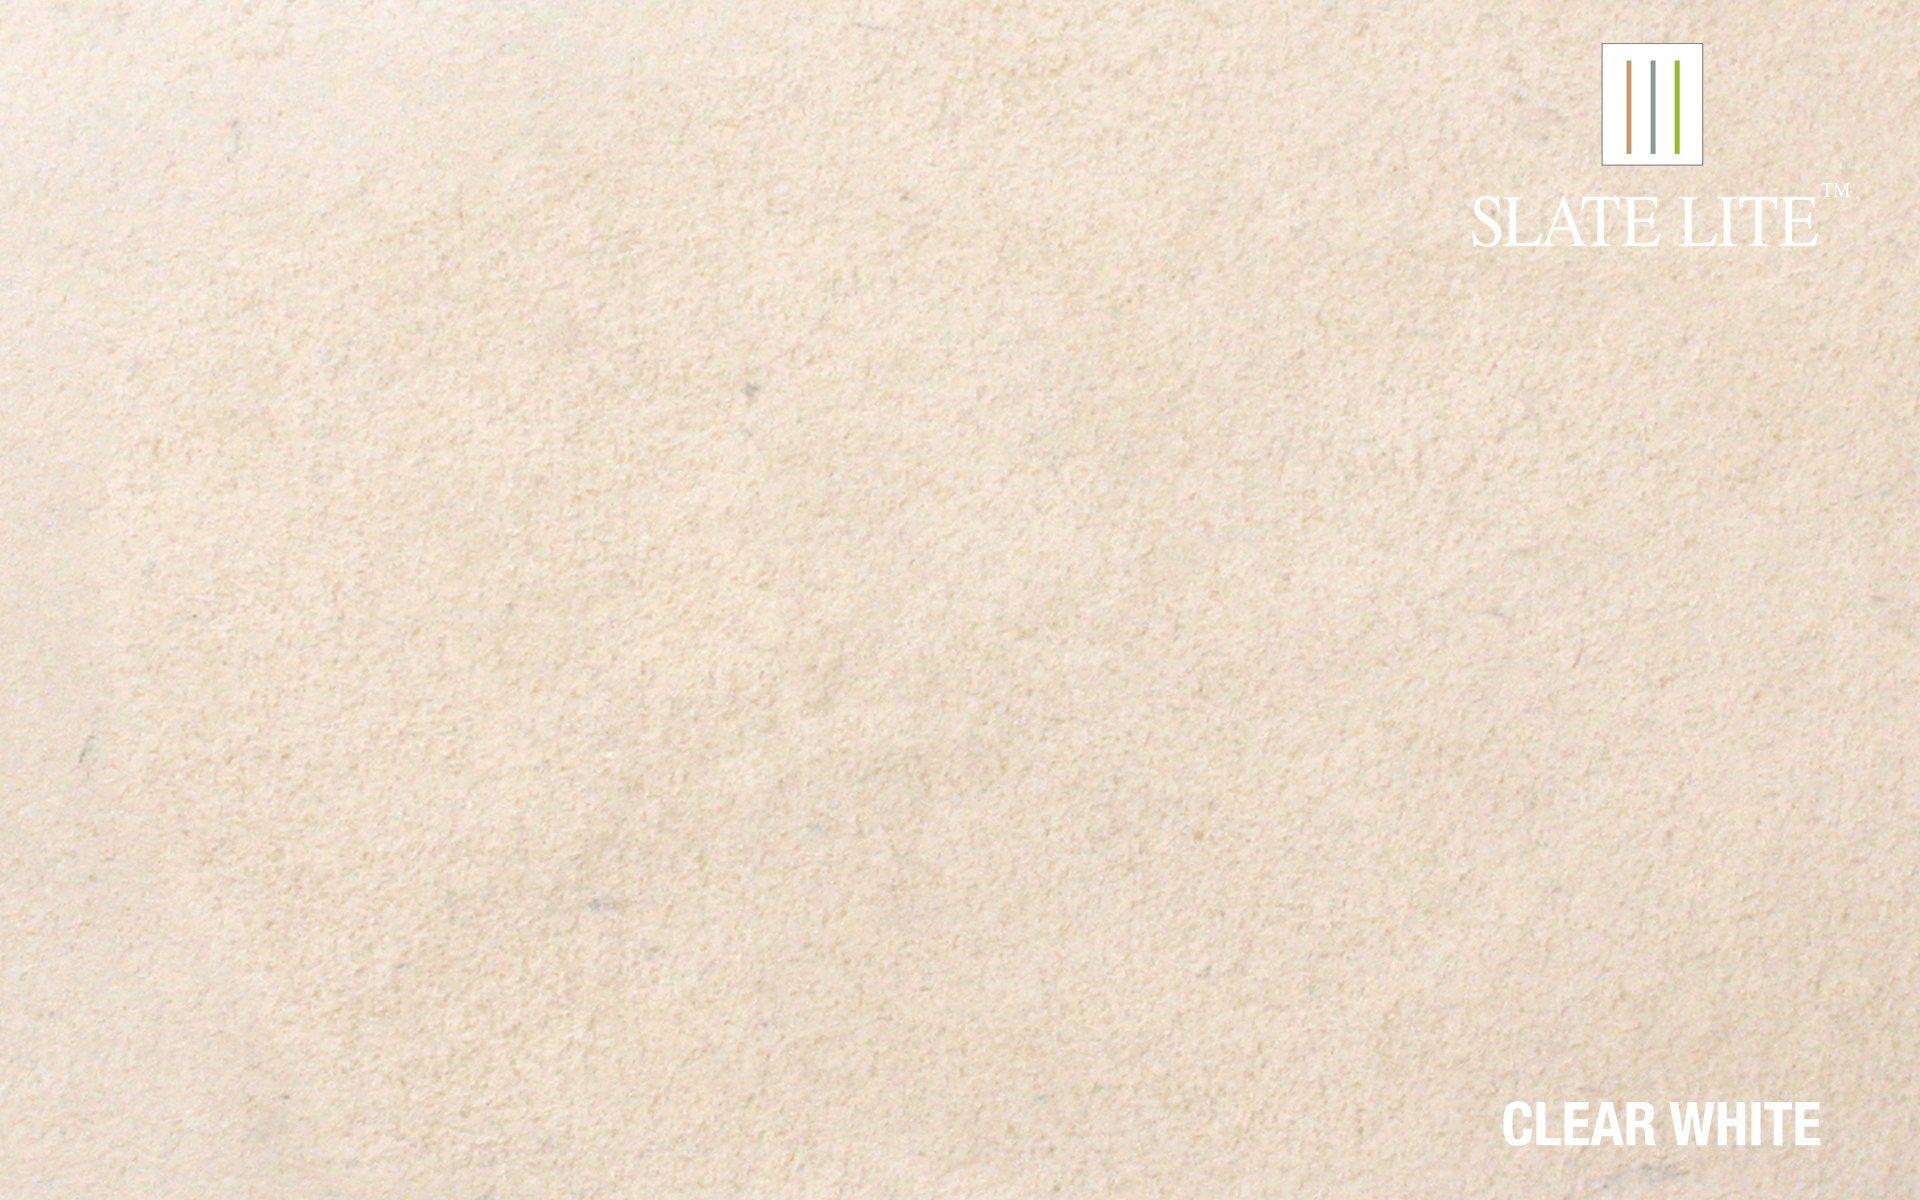 clearwhite01.jpg